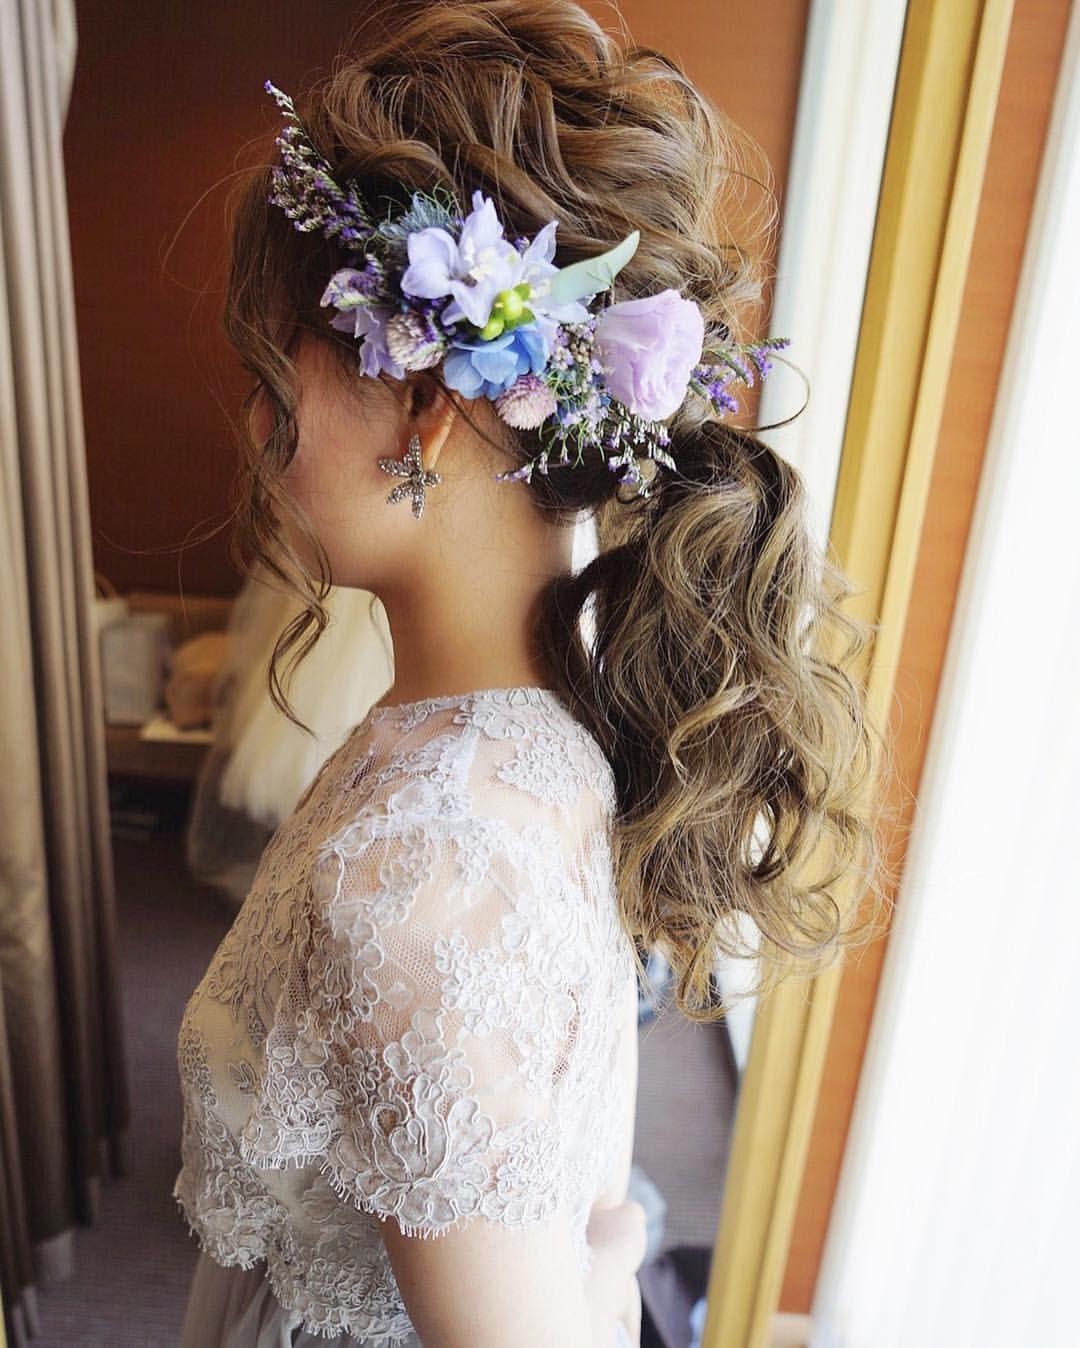 生花って素敵 お花のヘッドパーツについてブログに書いてますので おヒマな時にご覧ください ブライダル ブライダル